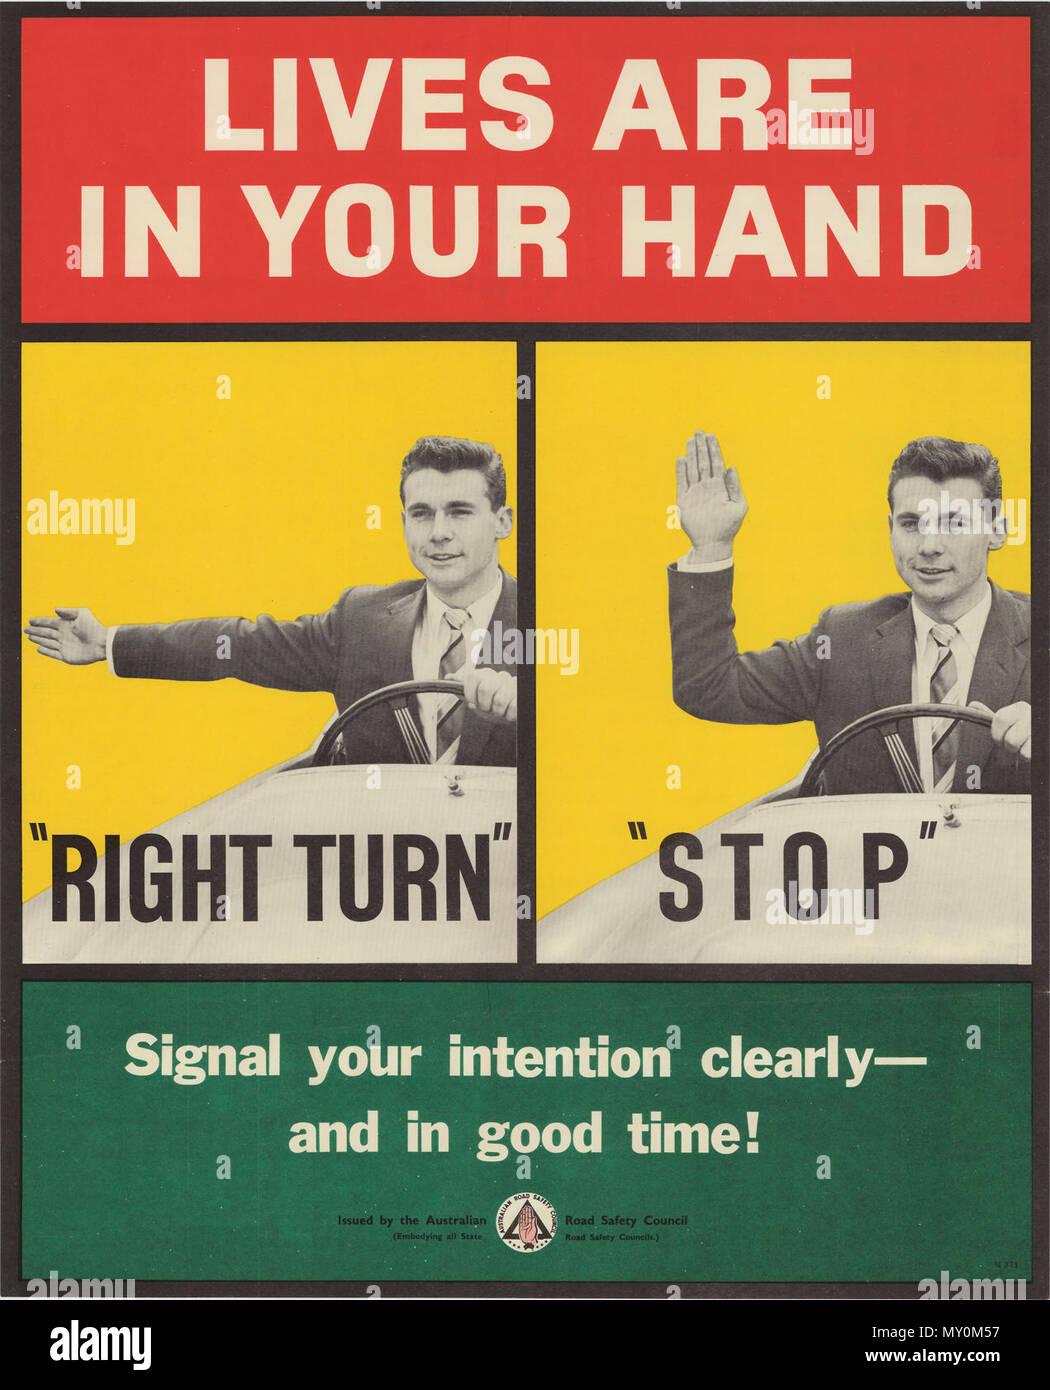 Vidas están en tu mano. Póster de seguridad vial circa 1939 - 1959 señales de conducción inútil cuanto antes el antiguo sistema de señalización de la mano por los controladores de motor se restaura la mejor será para la seguridad vial, escribe nuestro representante de Brisbane. Las nuevas señales han estado en funcionamiento durante aproximadamente un año o más, y han sido un fracaso desastroso. Accidentes ocurren en Brisbane cada día, cada hora, probablemente a causa de una mala señalización. Antes de que el nuevo sistema funciona, nadie se preocupaba por dar una señal para hacer un giro a la izquierda, a menos que pudiera ser un signo de parada. Al girar a la derecha era un brazo hel Foto de stock